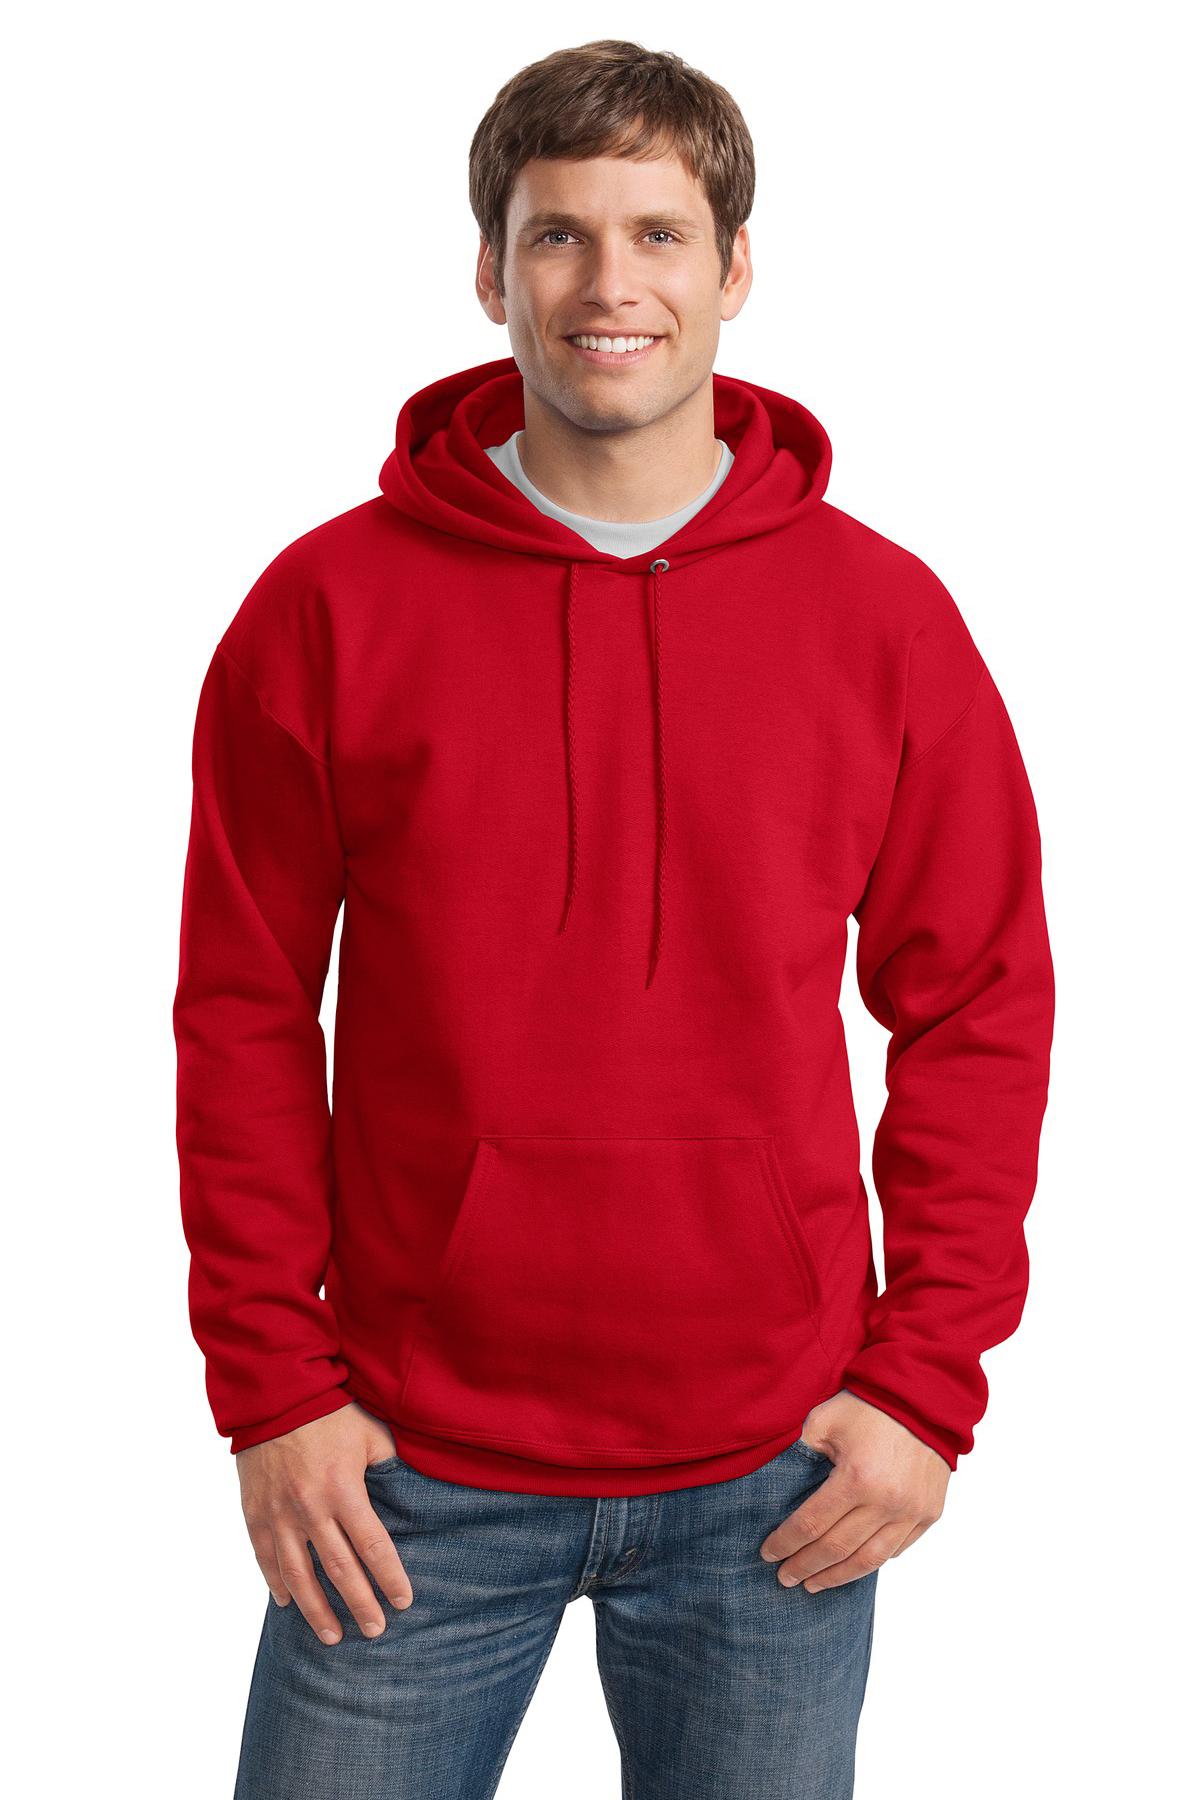 Sweatshirts-Fleece-Hooded-22